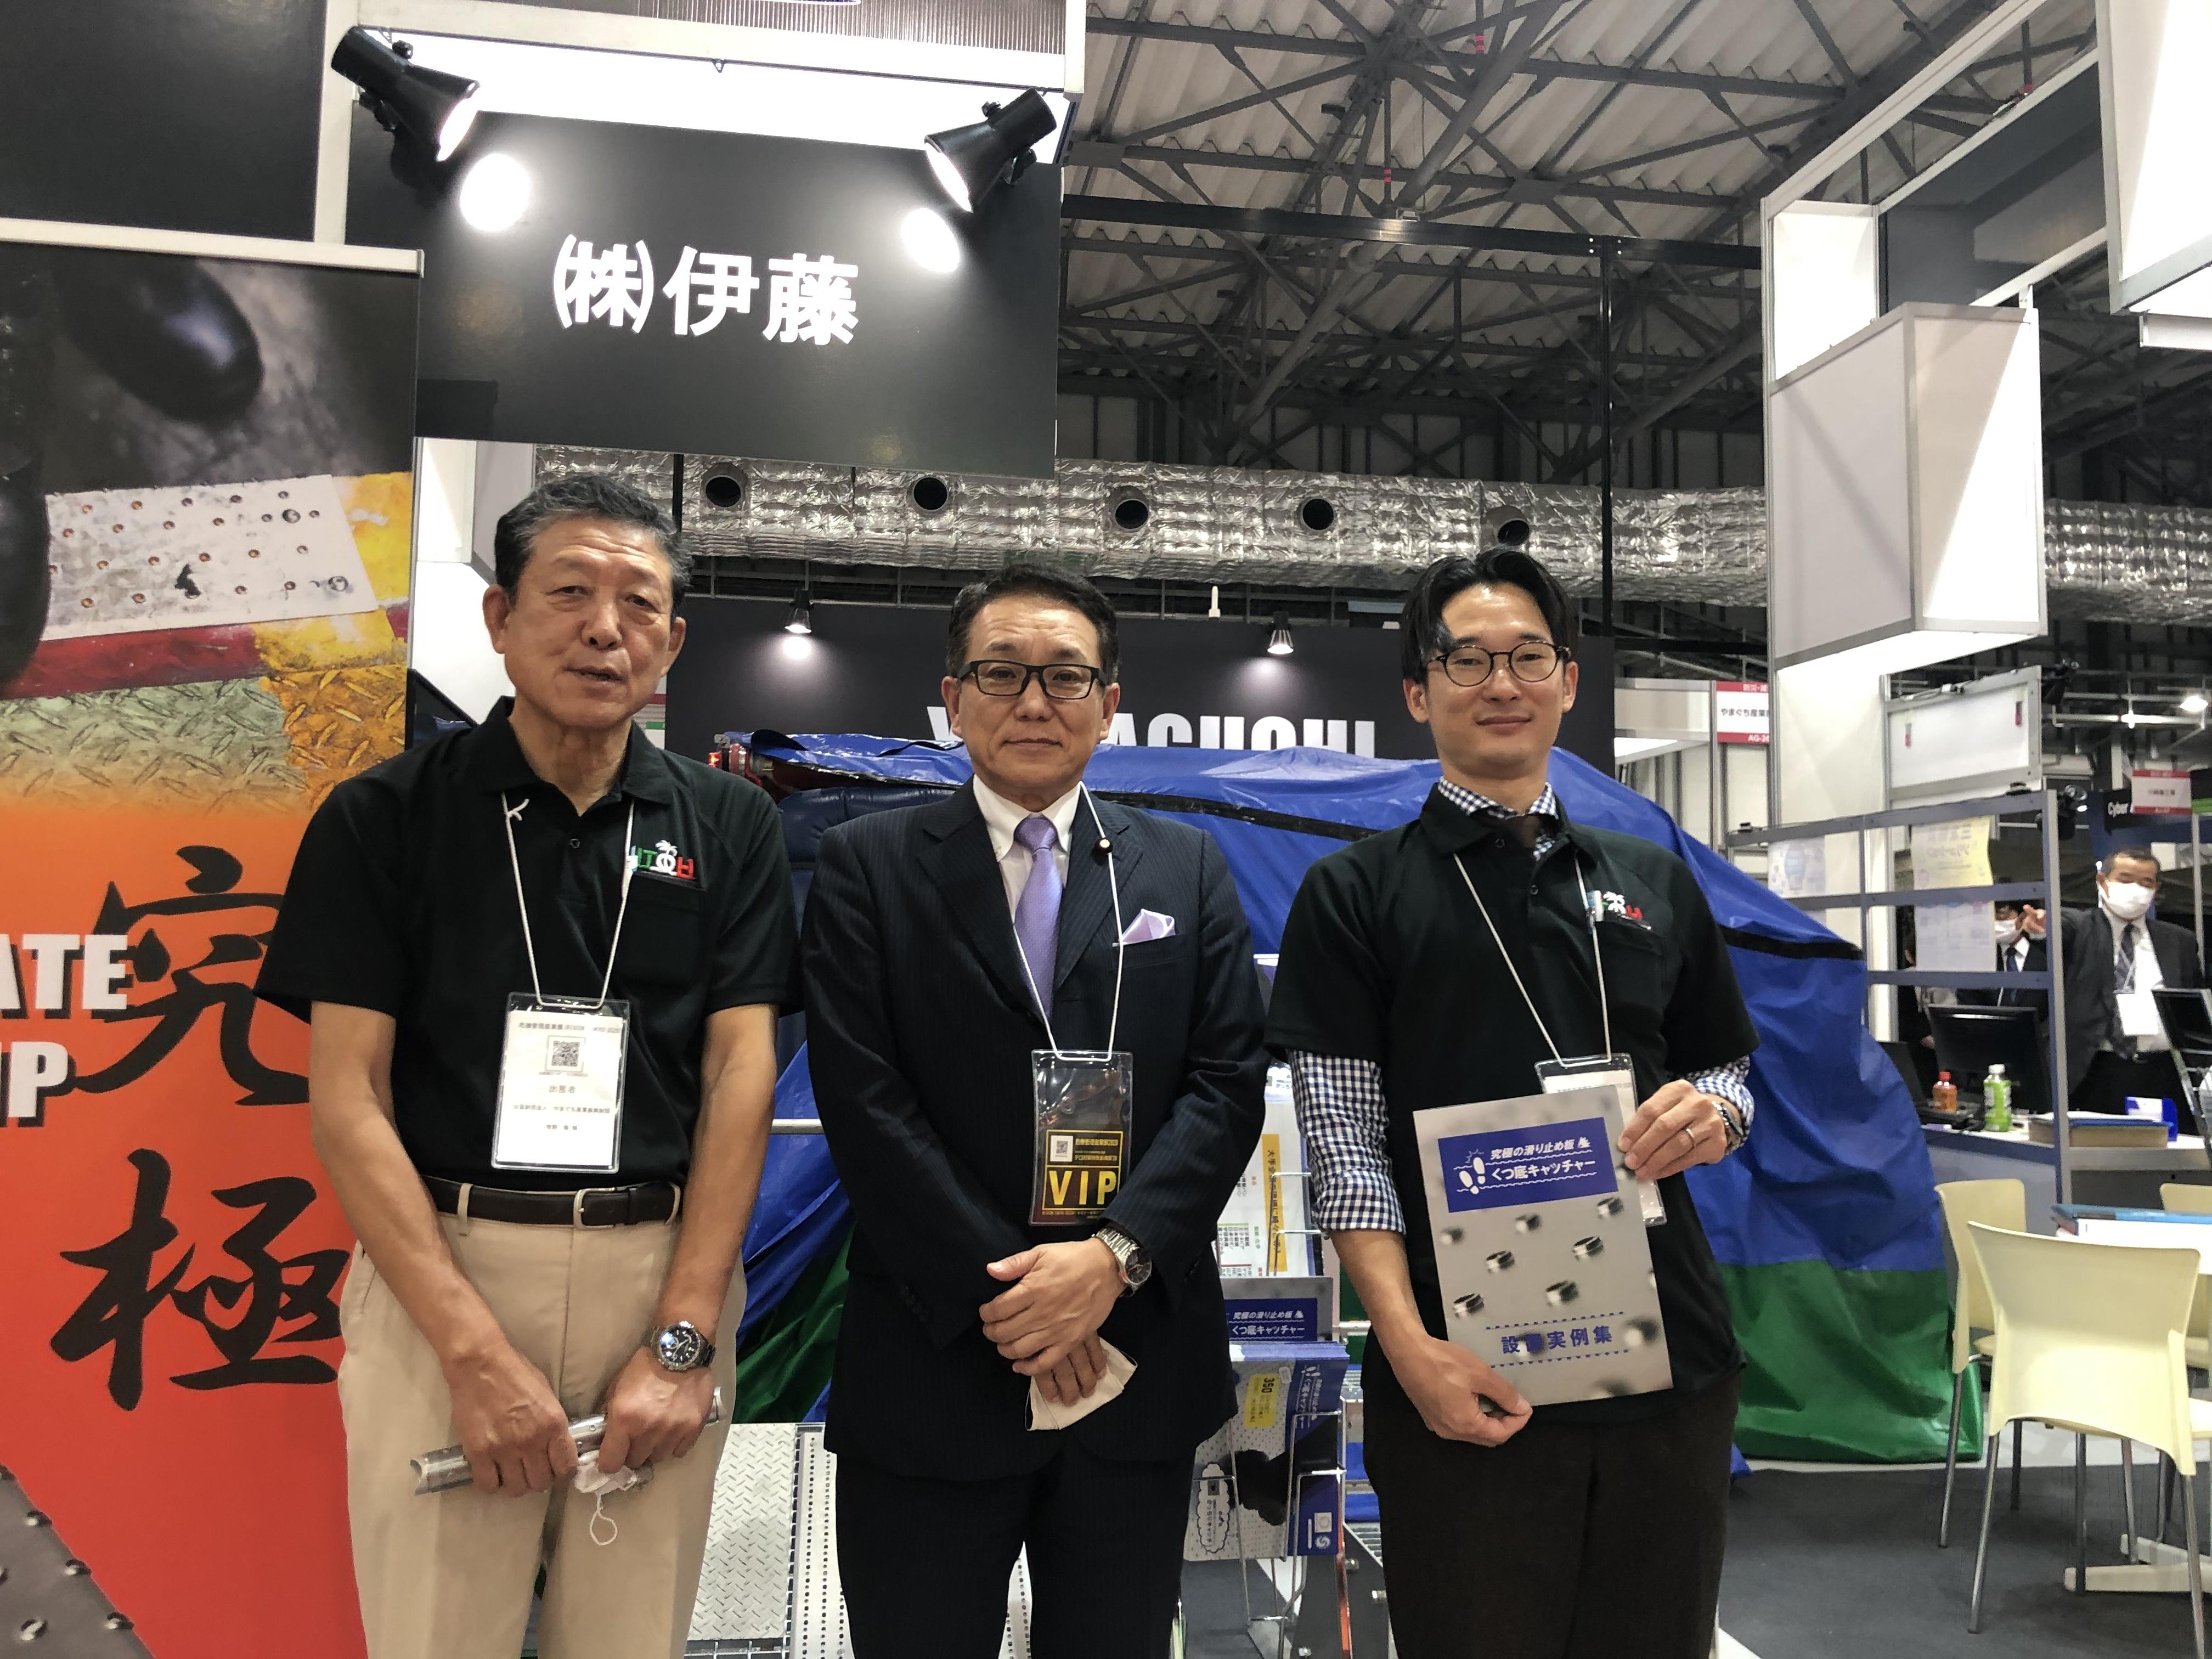 江島経済産業副大臣